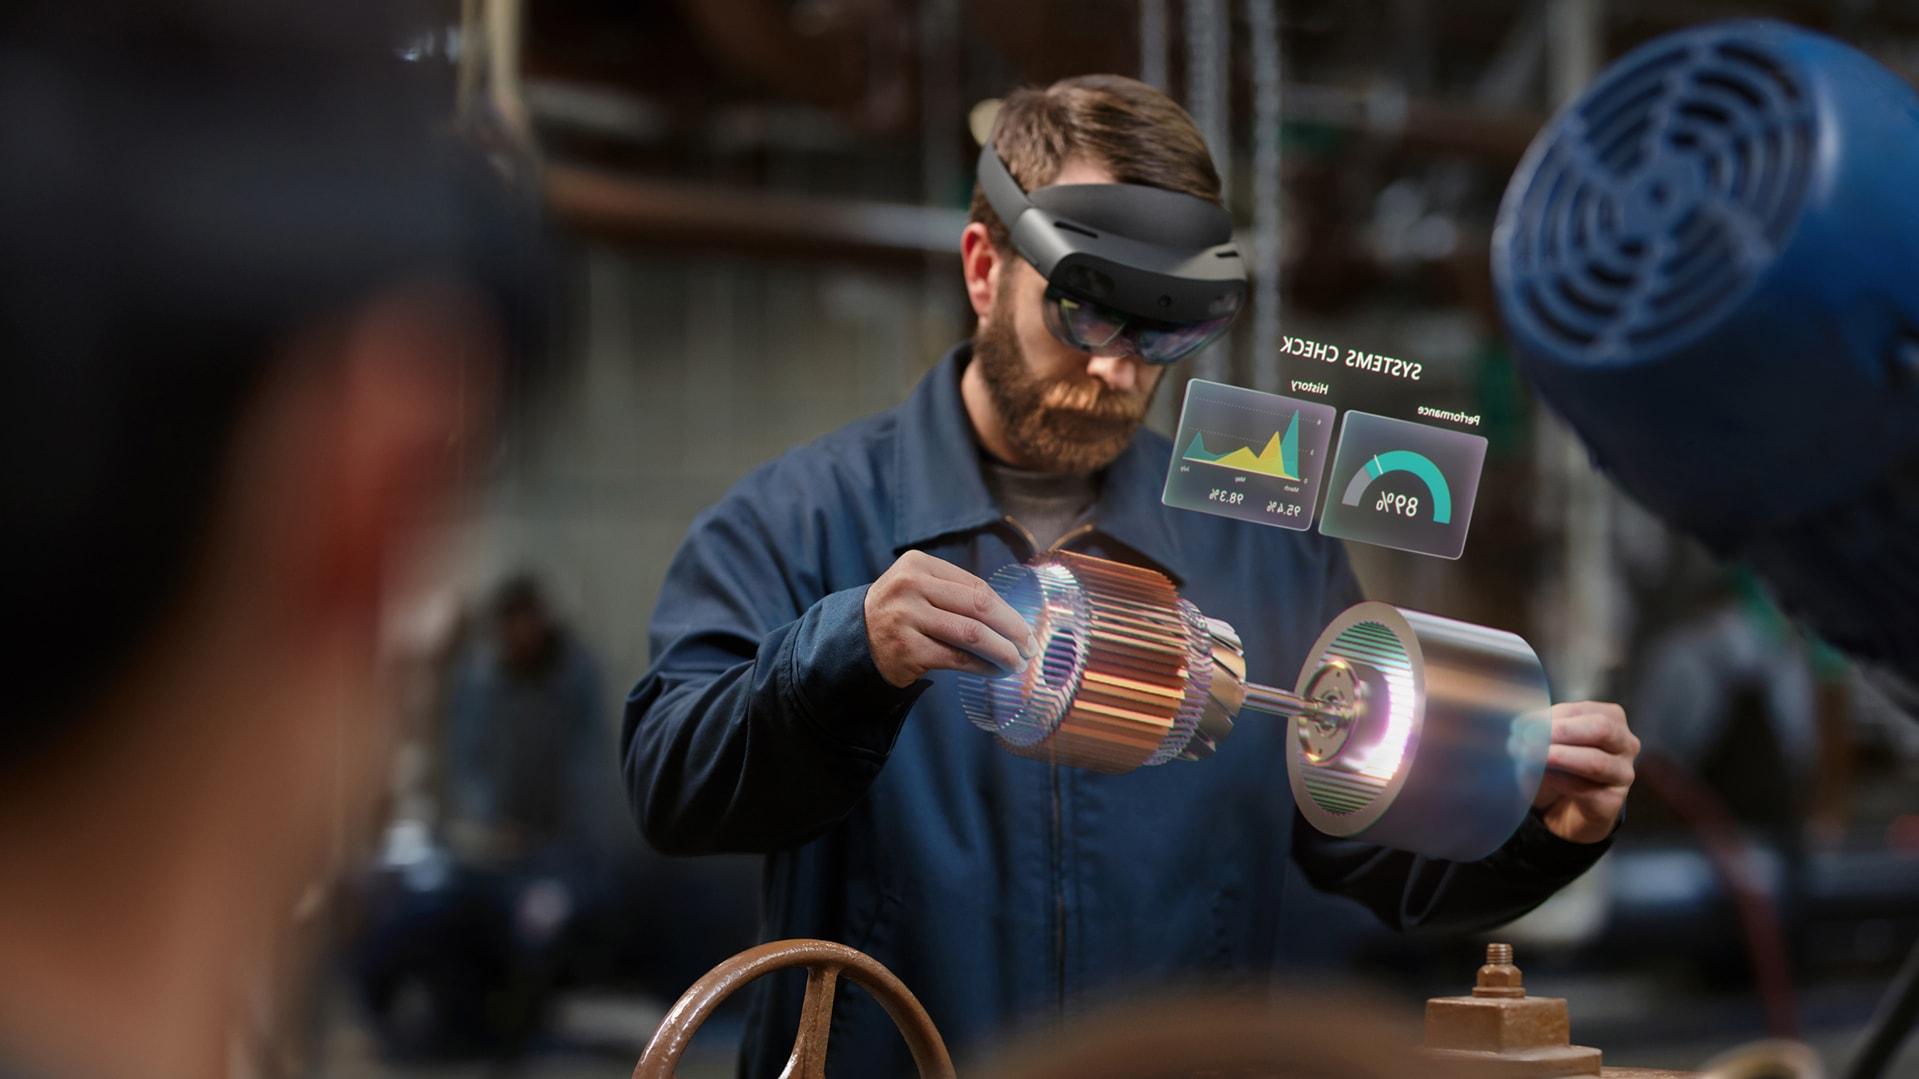 Un hombre utiliza su dispositivo HoloLens en el trabajo